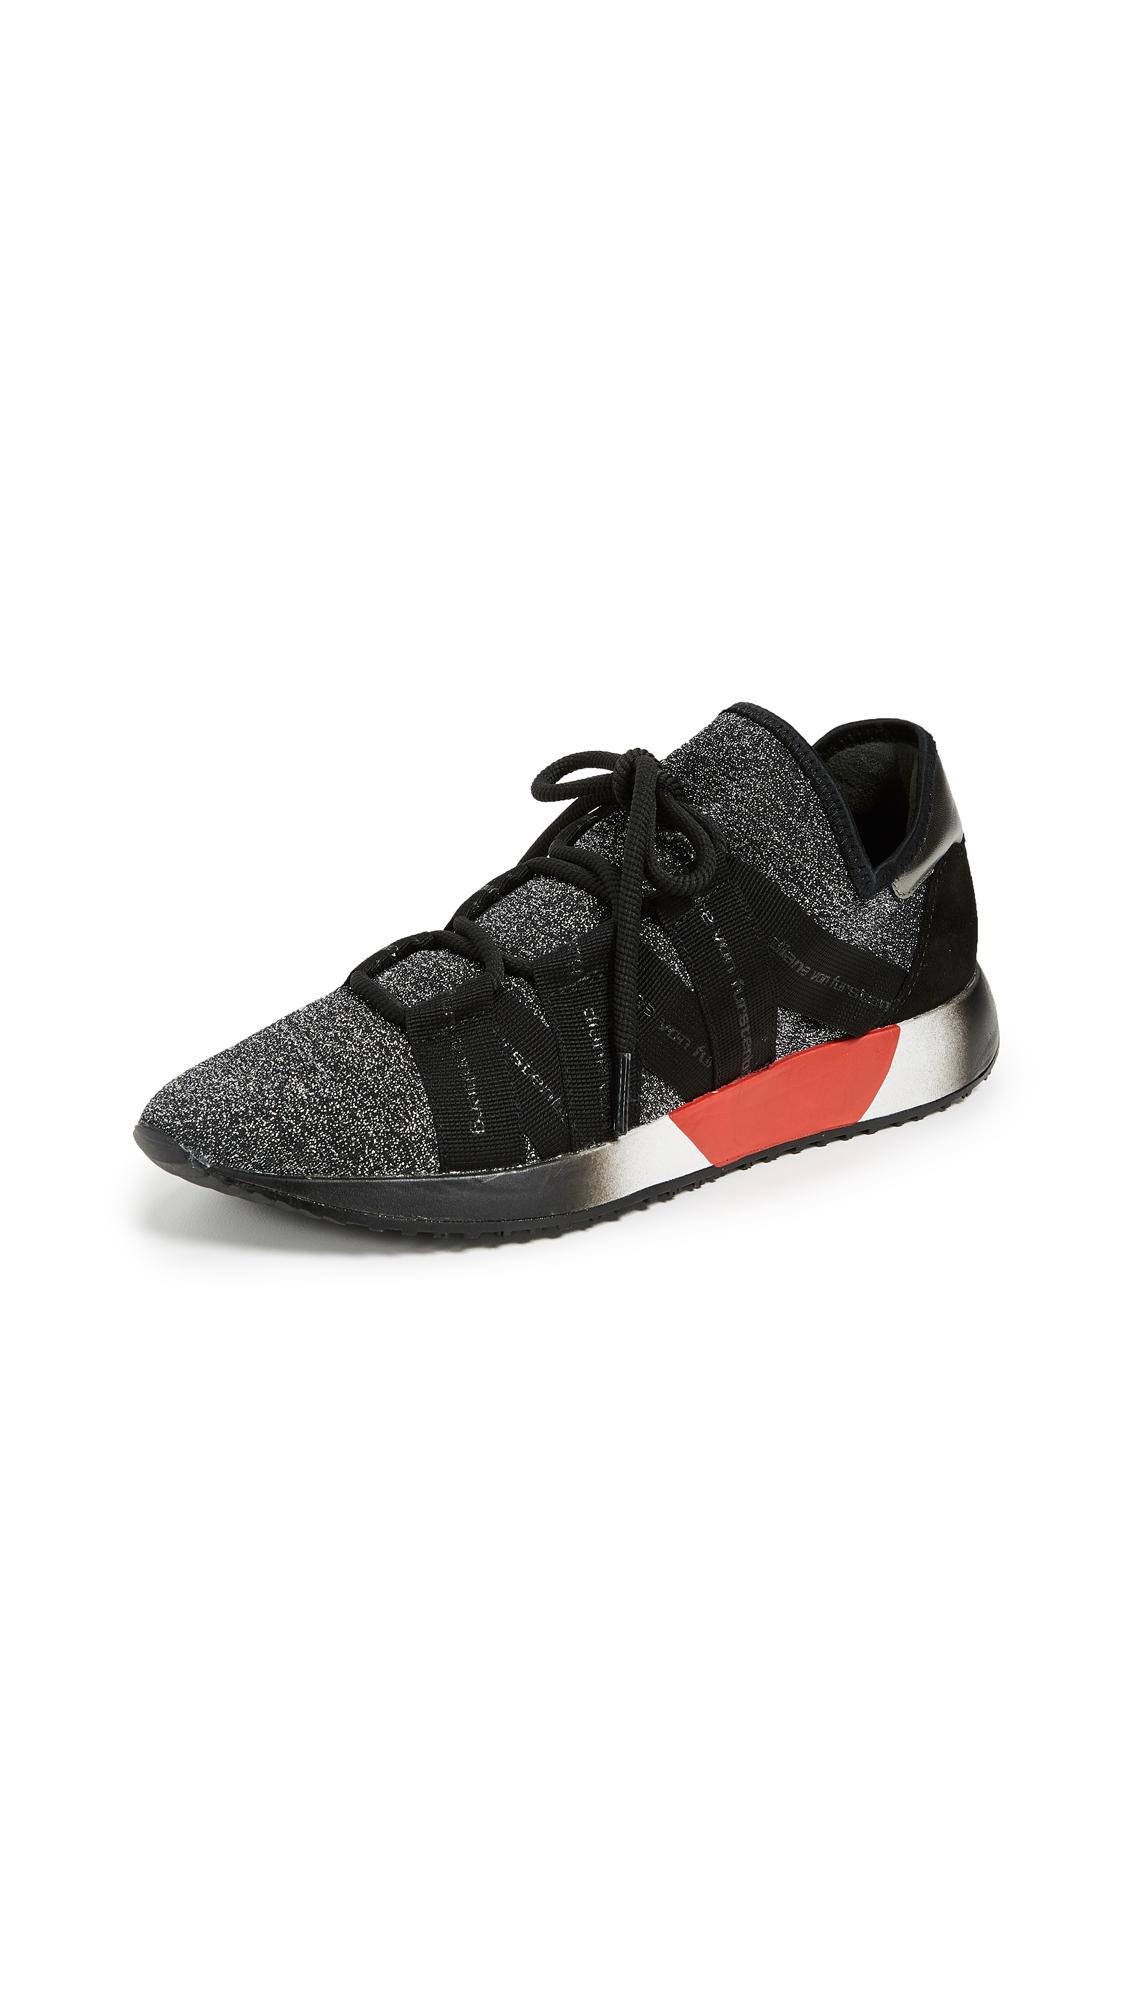 Diane von Furstenberg Pandora Sneakers - Black